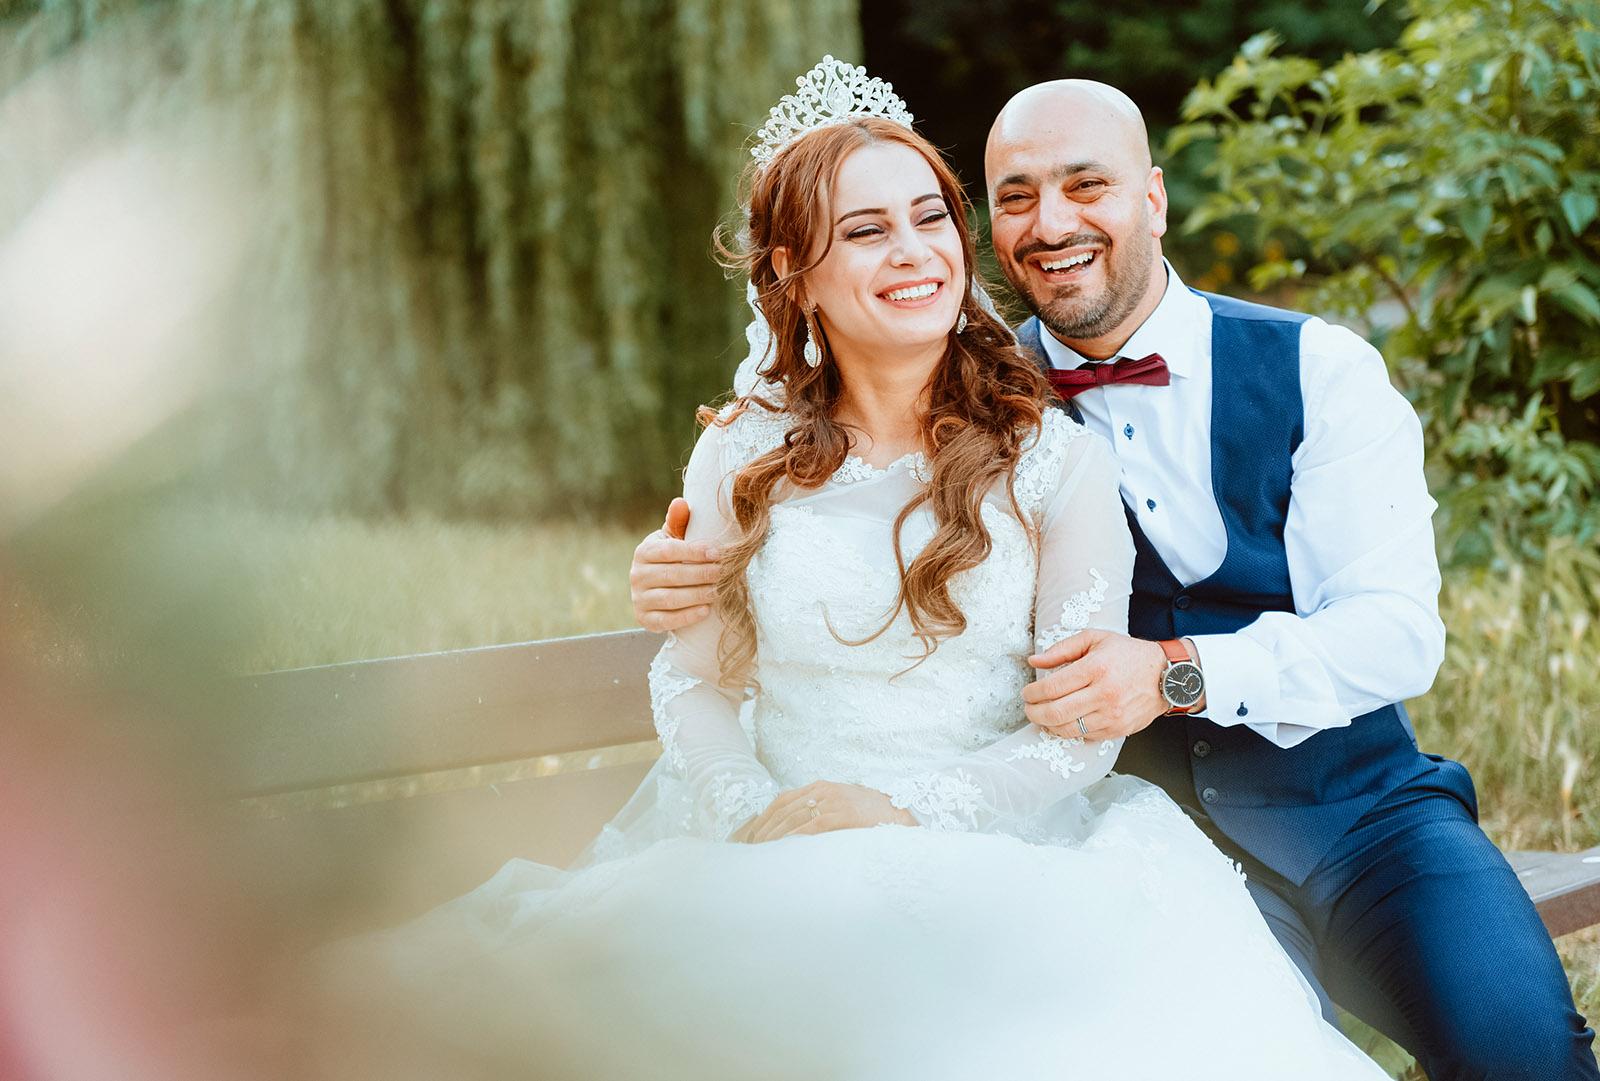 Brautpaarshooting auf der Bank